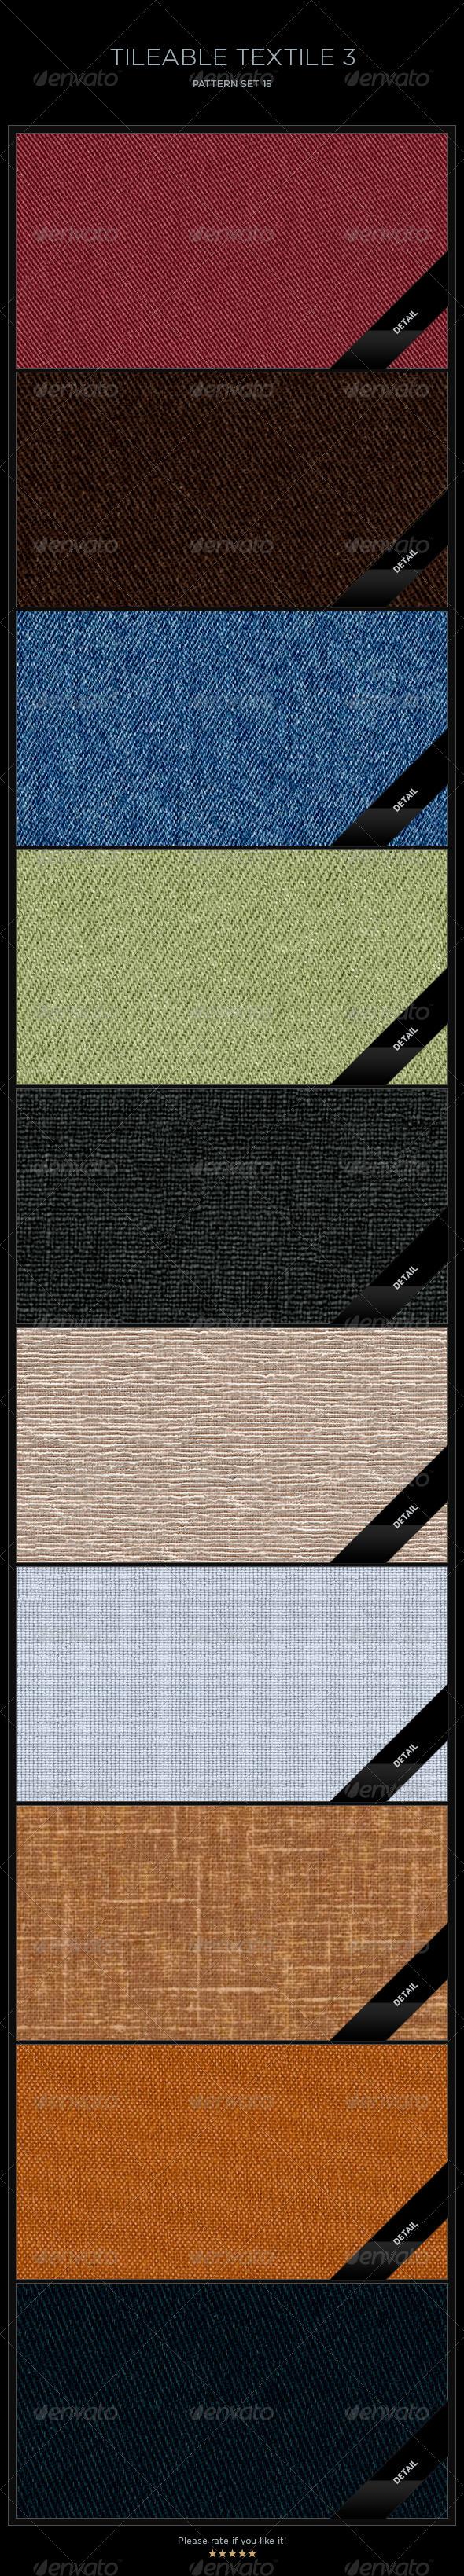 GraphicRiver 10 Tileable Textile-3 Textures Patterns 5652653